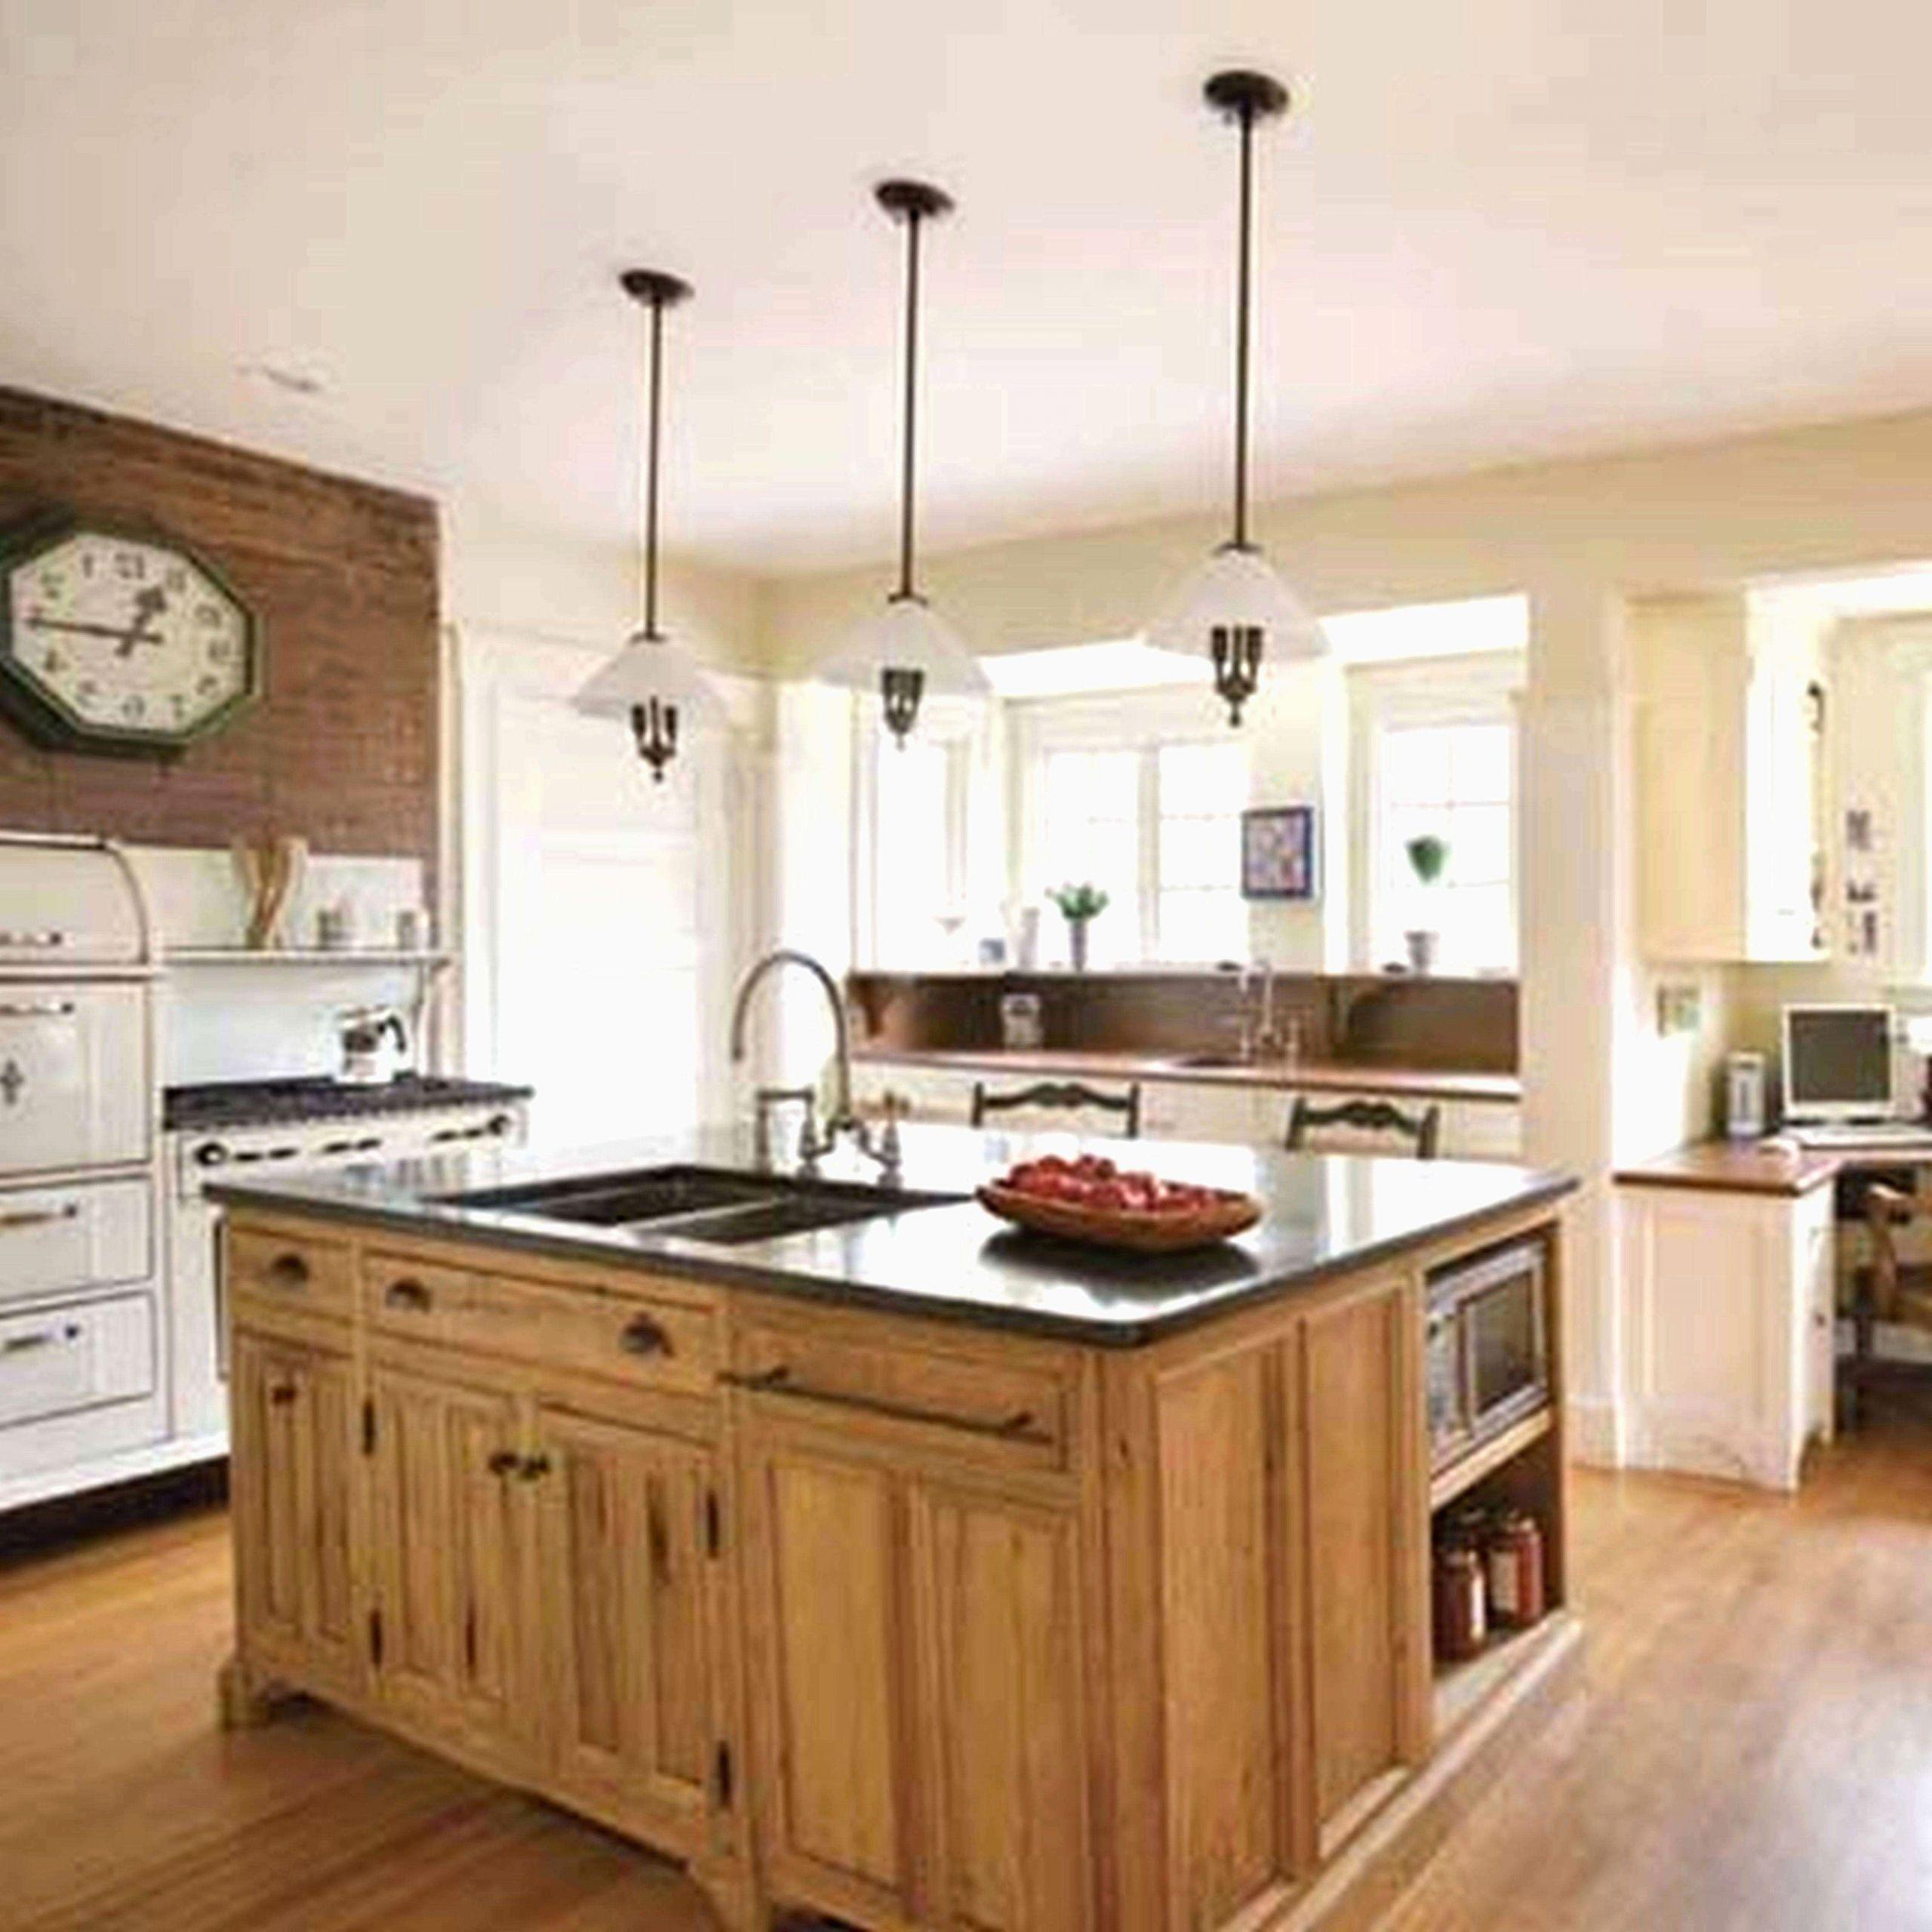 grey hardwood floors with white cabinets of kitchen with wood floors unique 42 awesome kitchen peninsula intended for kitchen with wood floors best of kitchen backsplashes backsplash